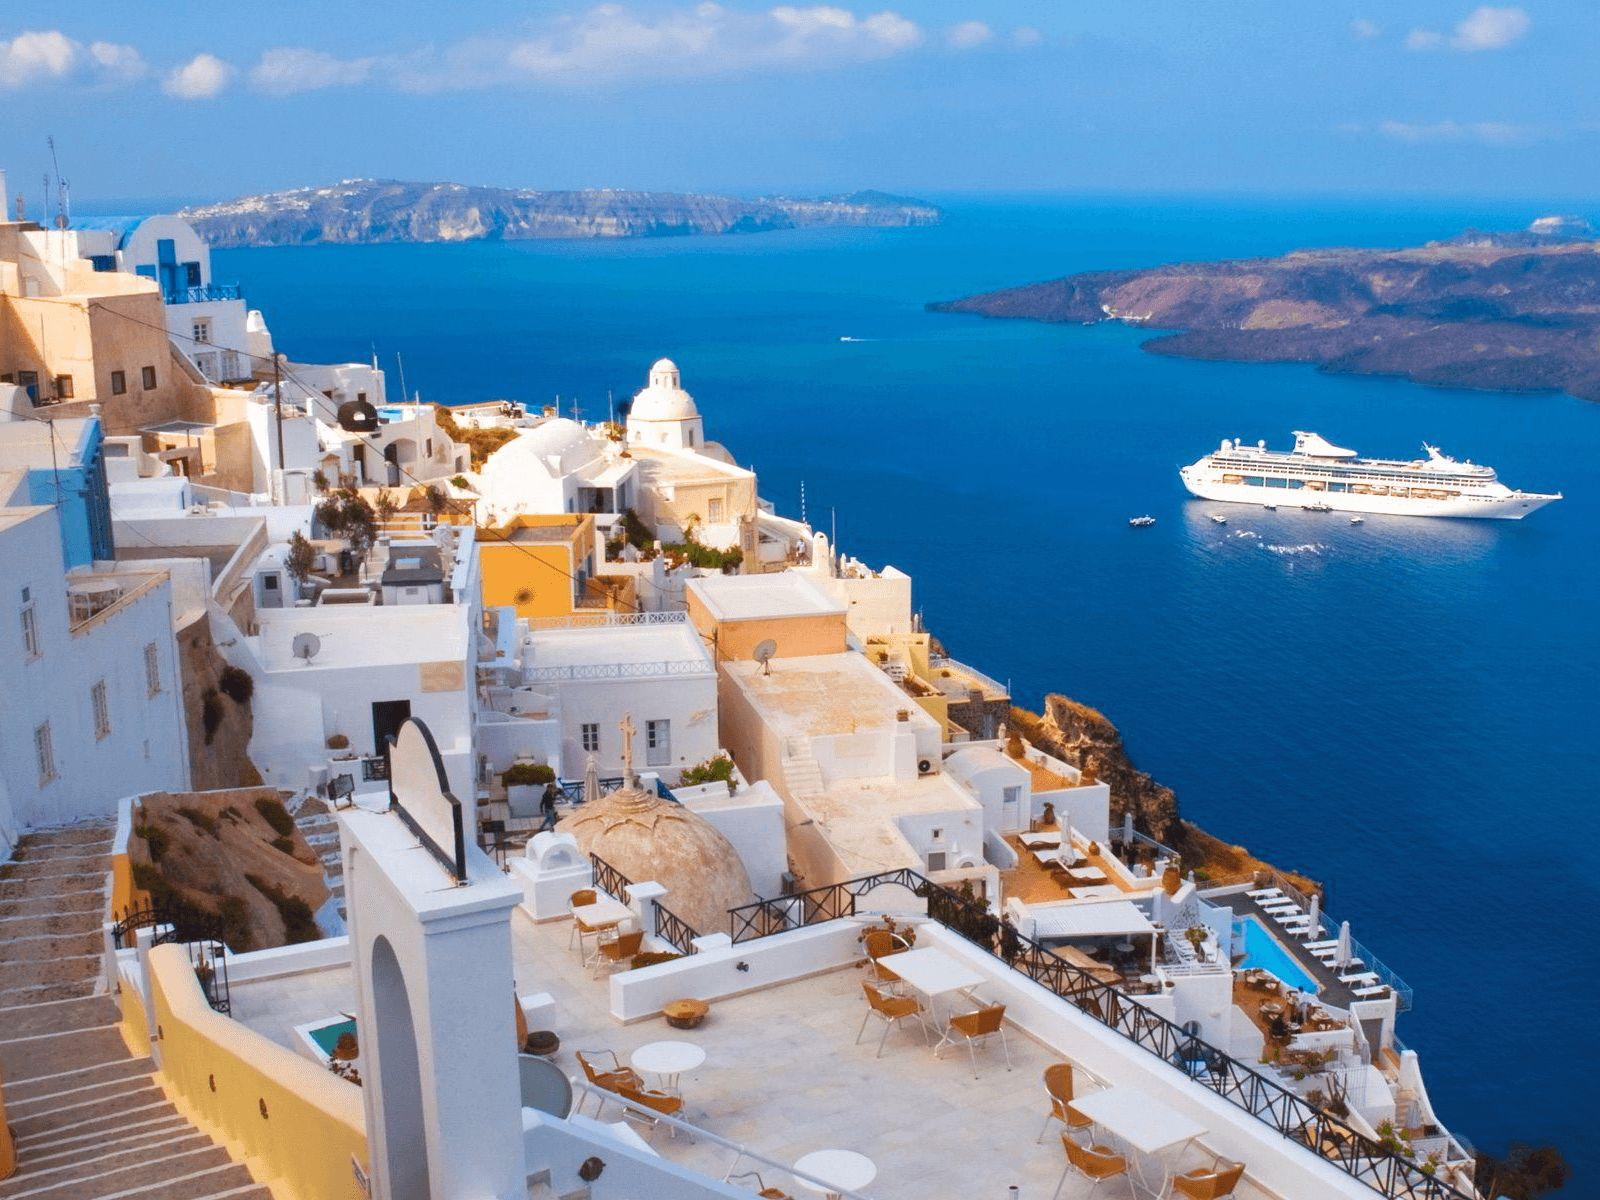 Antička Grčka i krstarenje grčkim otocima